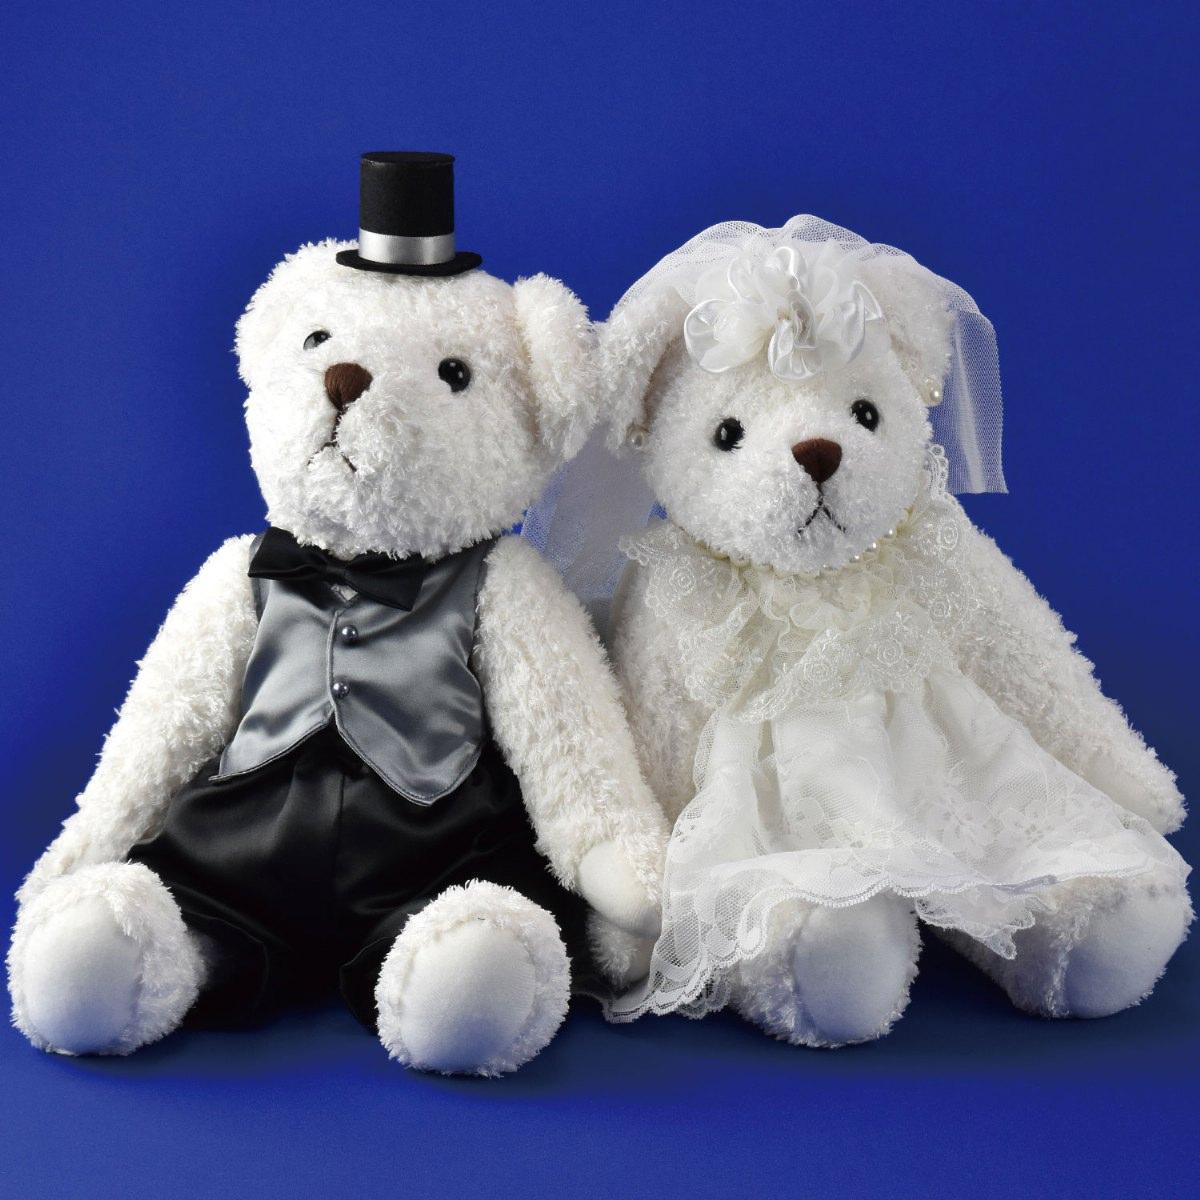 送料無料 ウエルカムベア ブライダル ウエディング エレガント レース シルク 披露宴 挙式 指輪 結婚式 くま くまちゃん 日本製